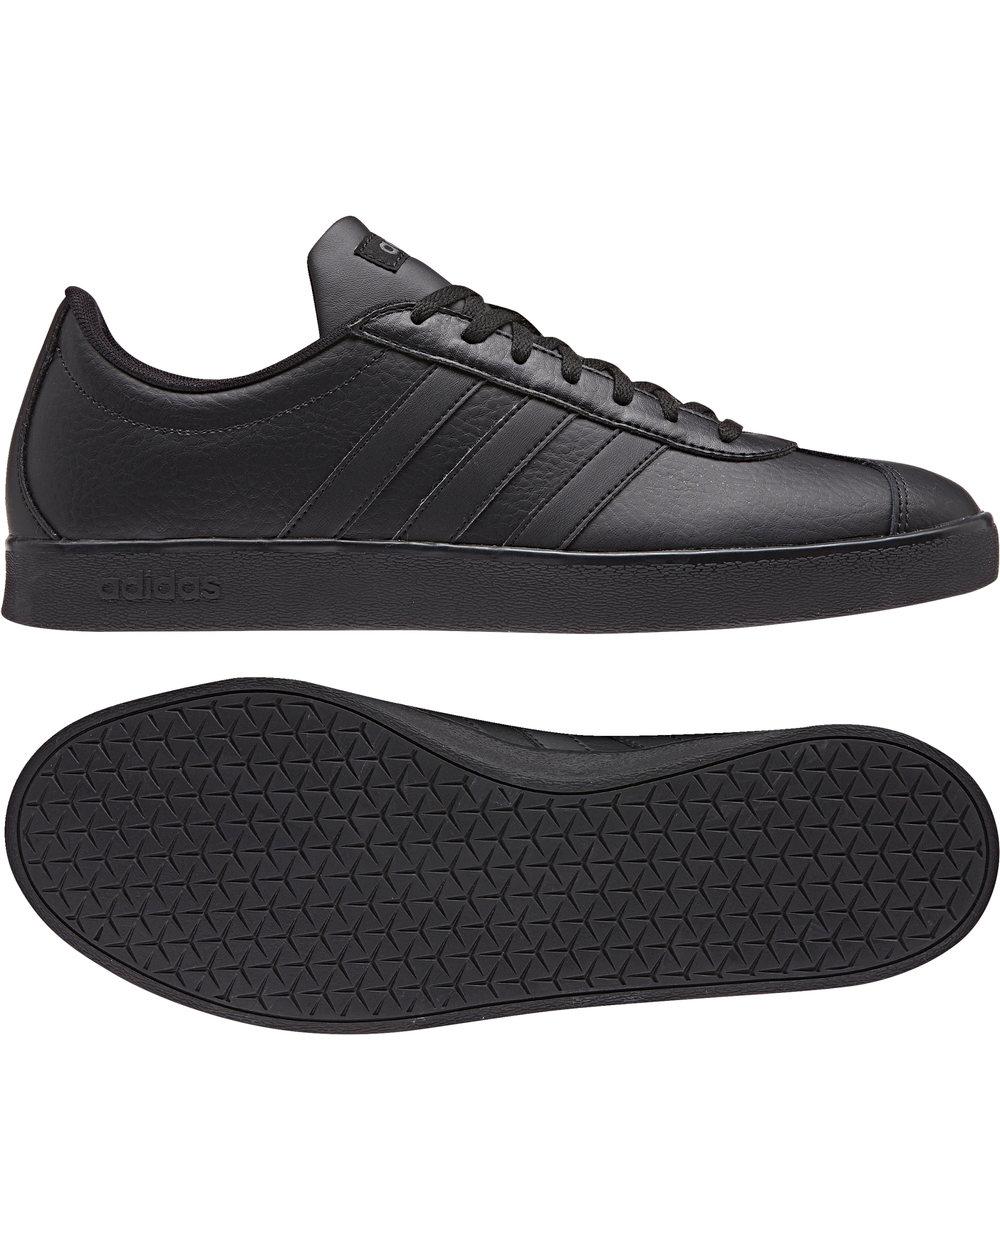 Bdidas Sport Schuhe Trainers Boots Shoe Schwarz vl court 2.0 gazelle style